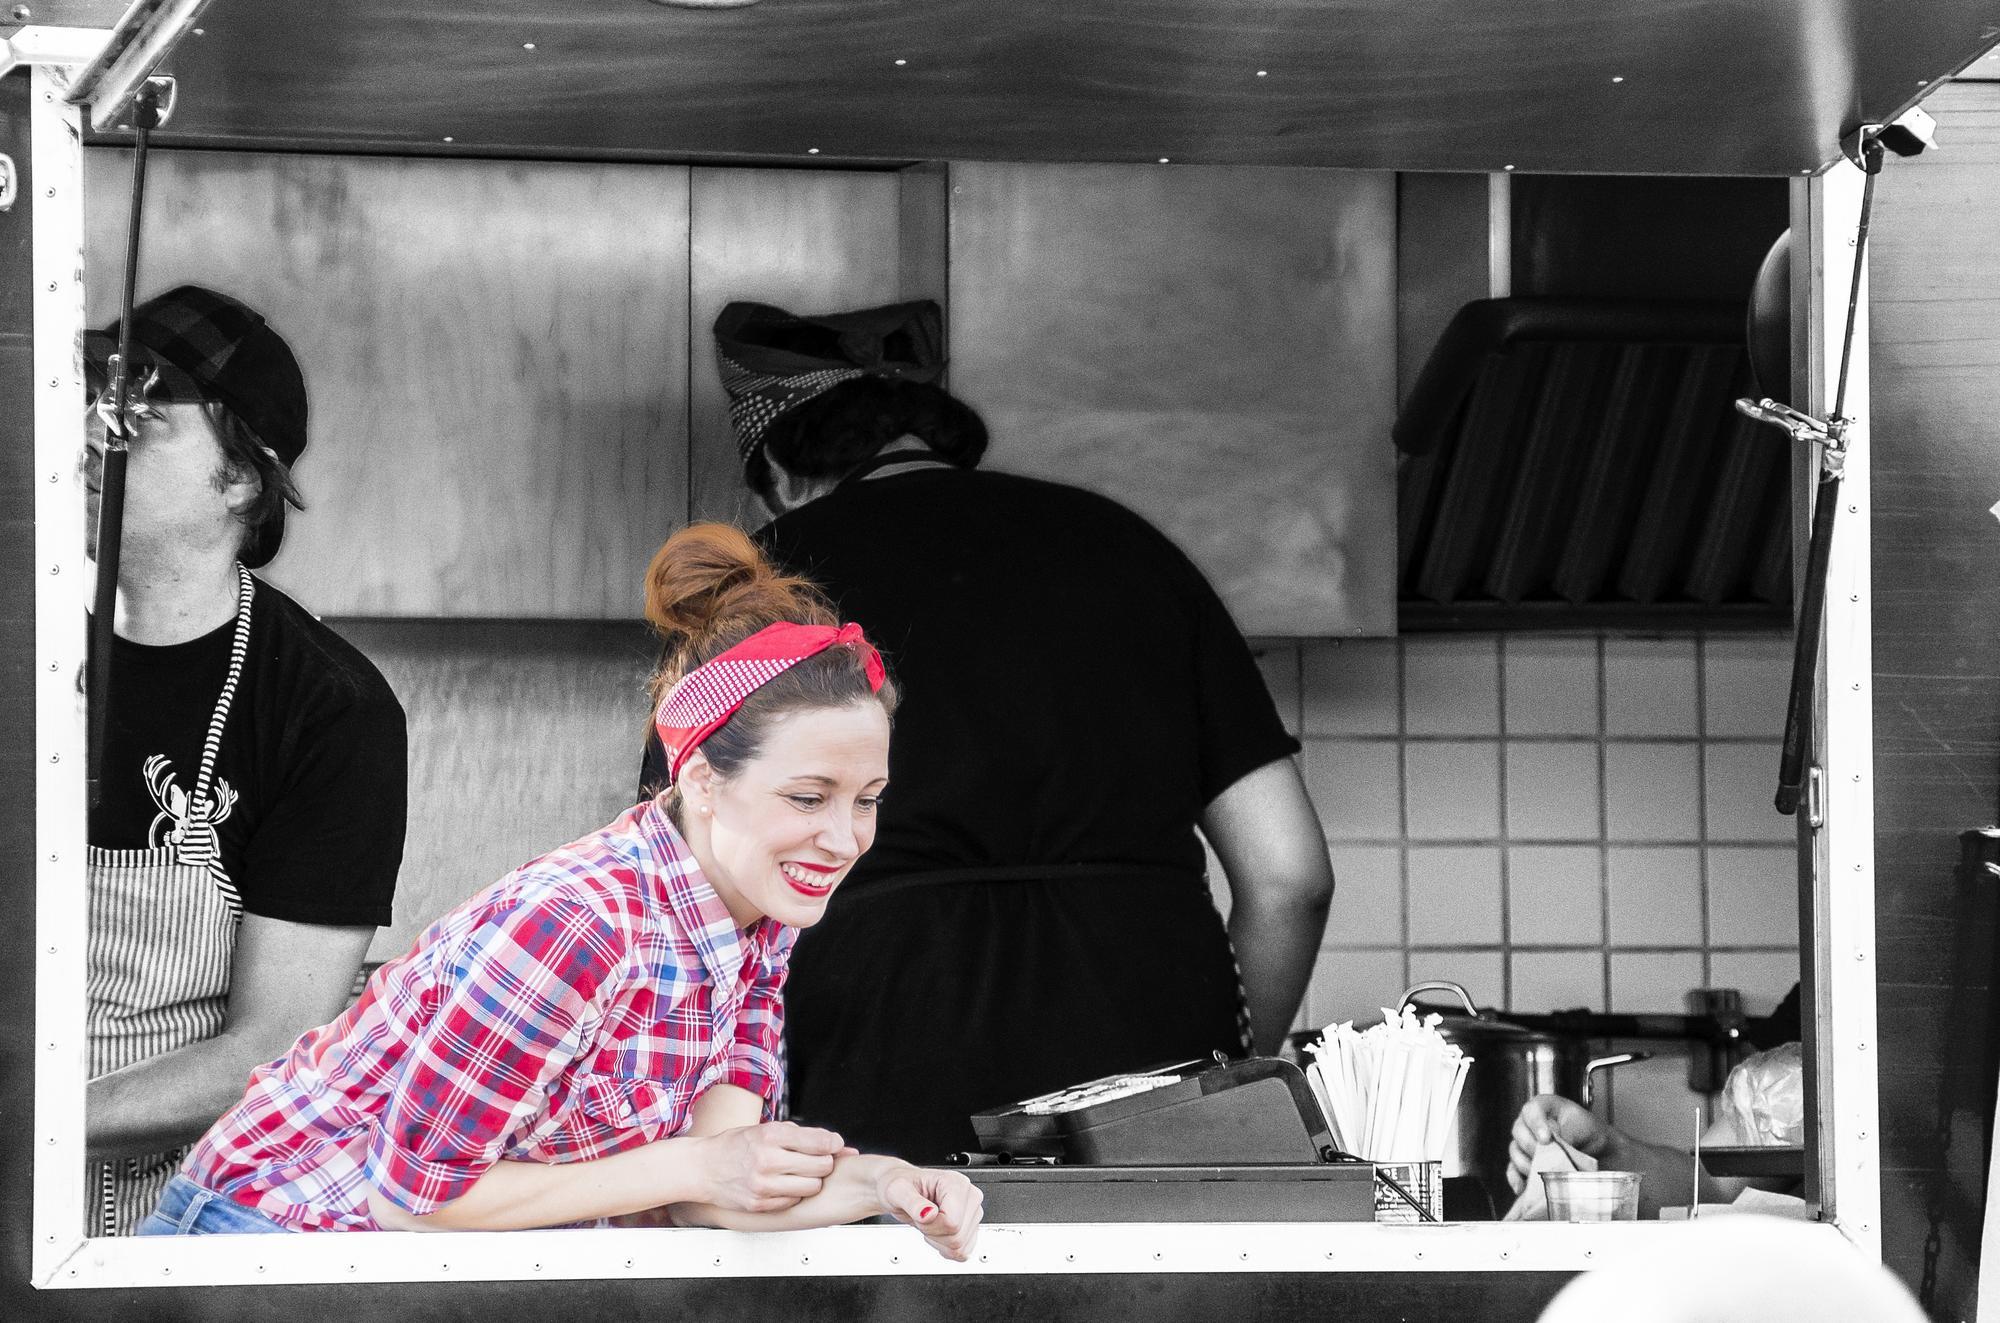 Kearny Food Truck Festival